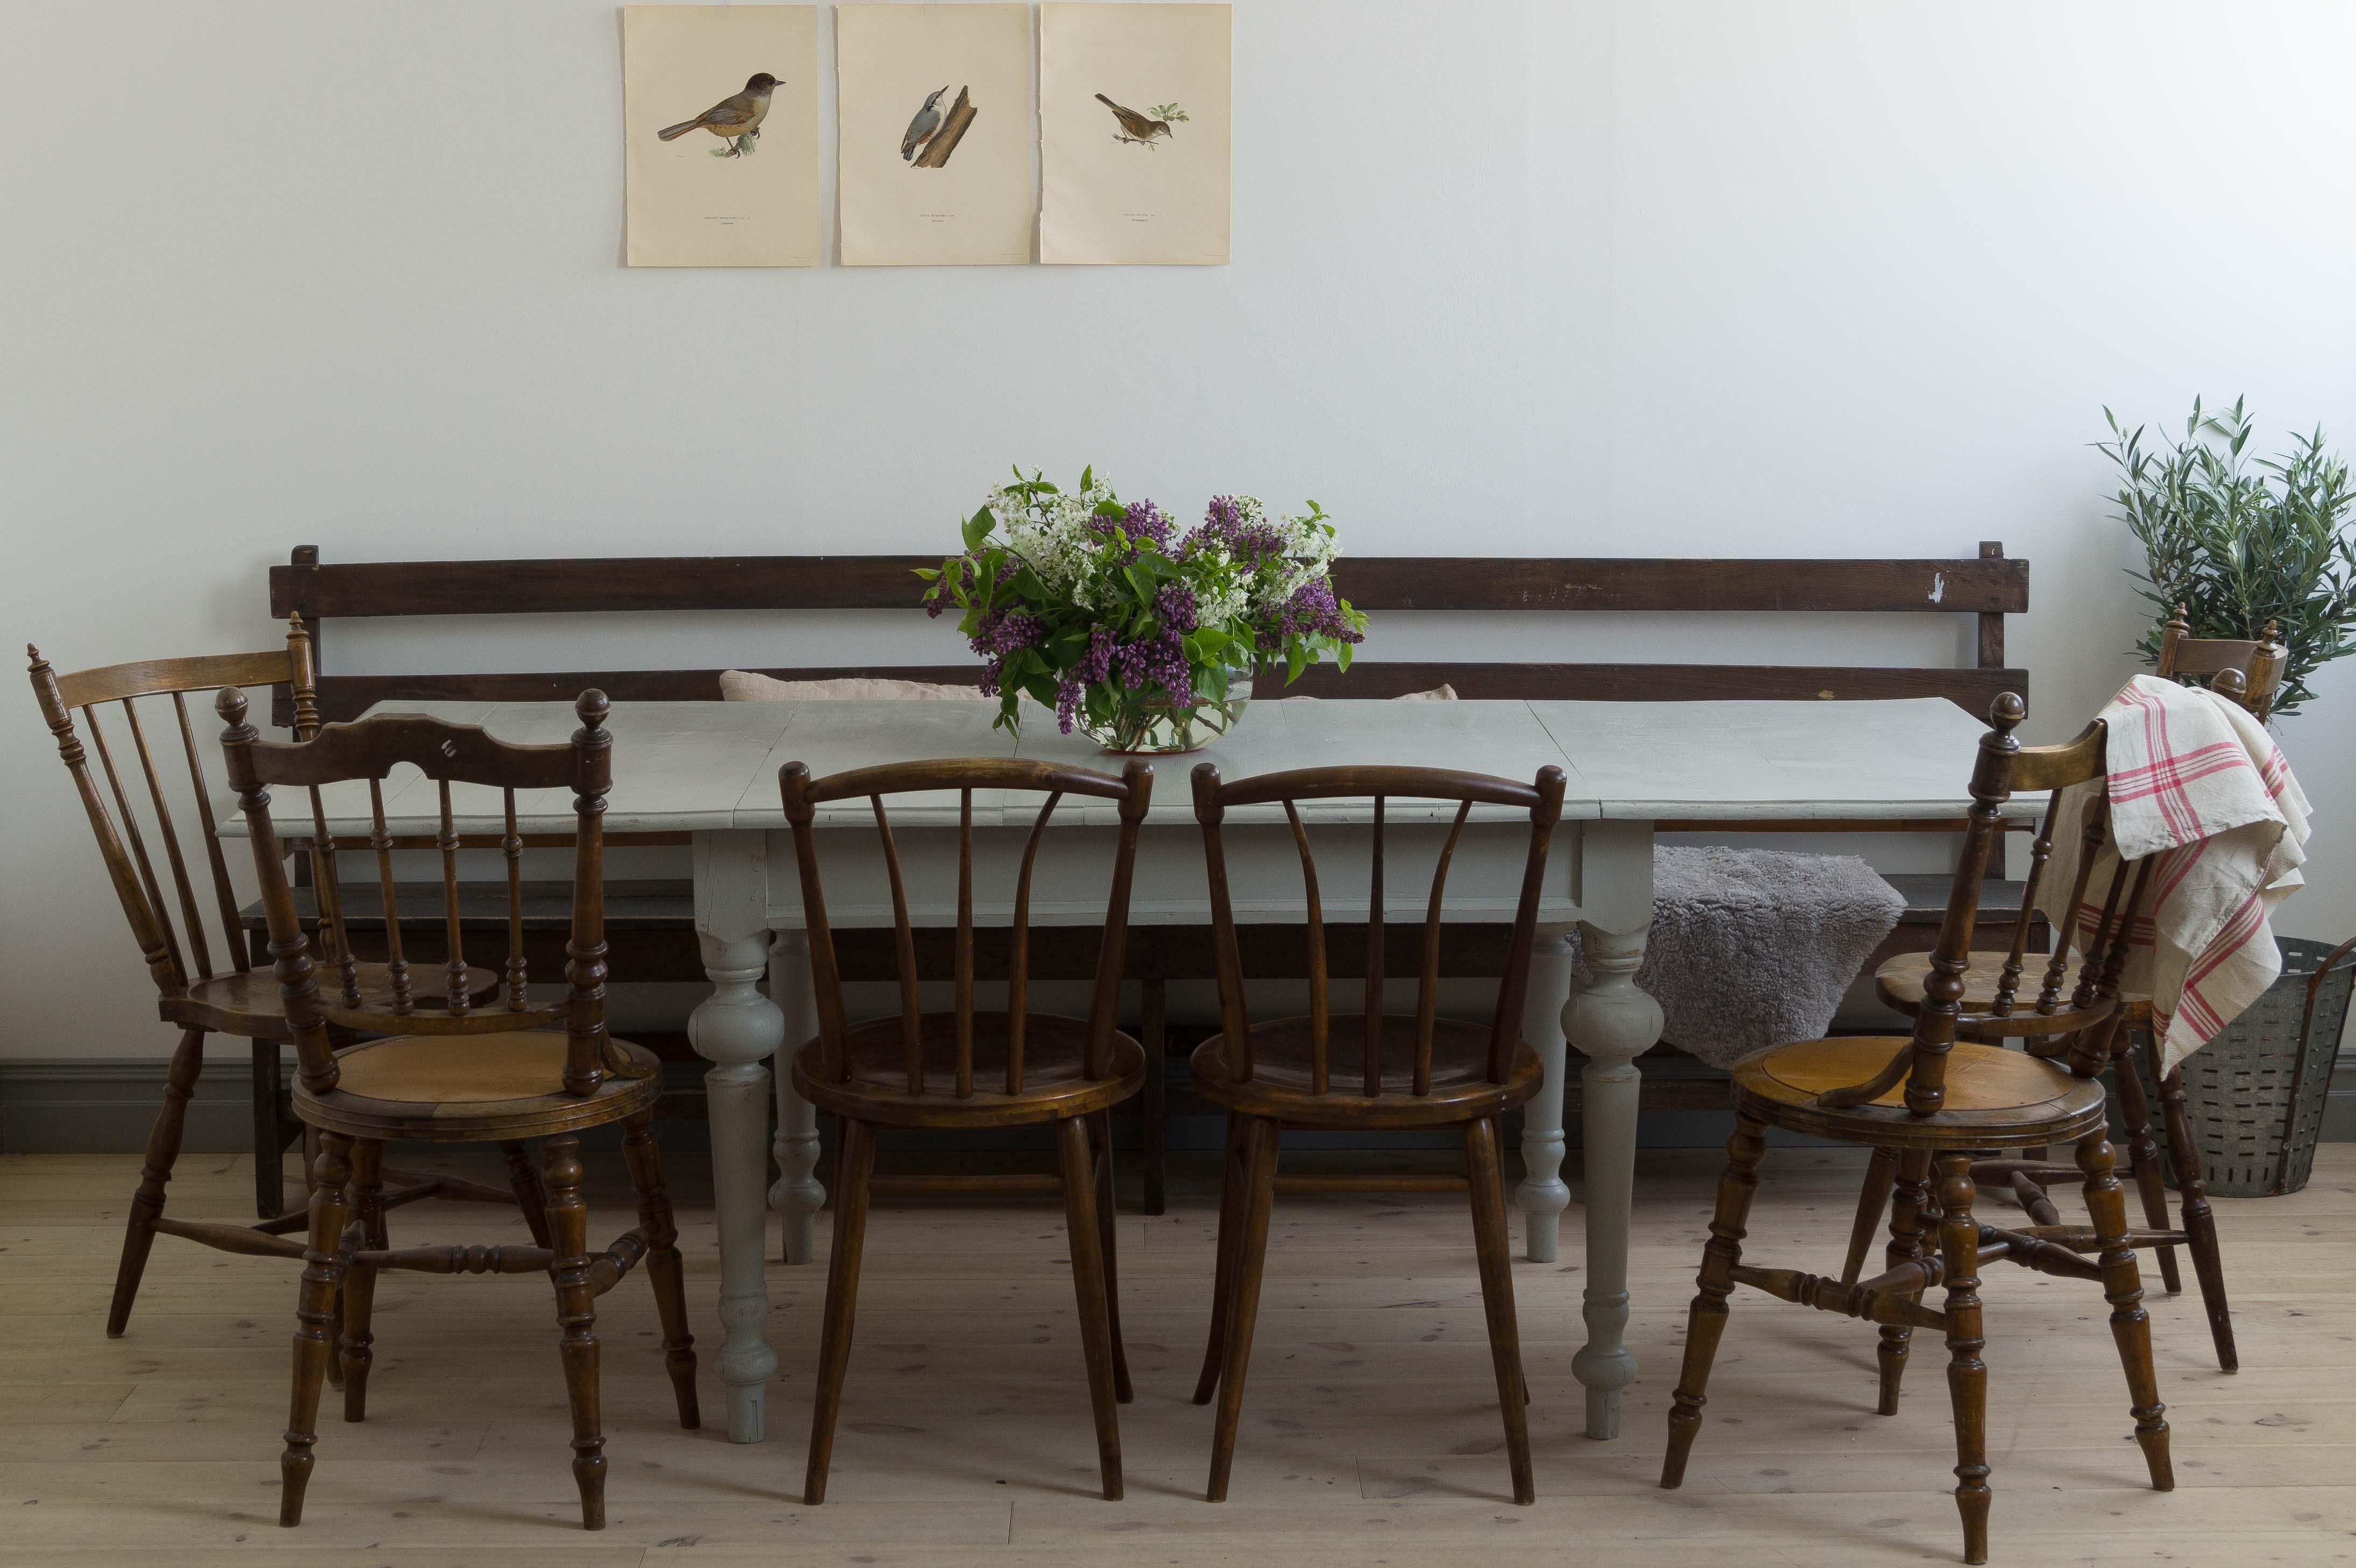 Butik Lanthandeln Stort vackert gammalt matbord med